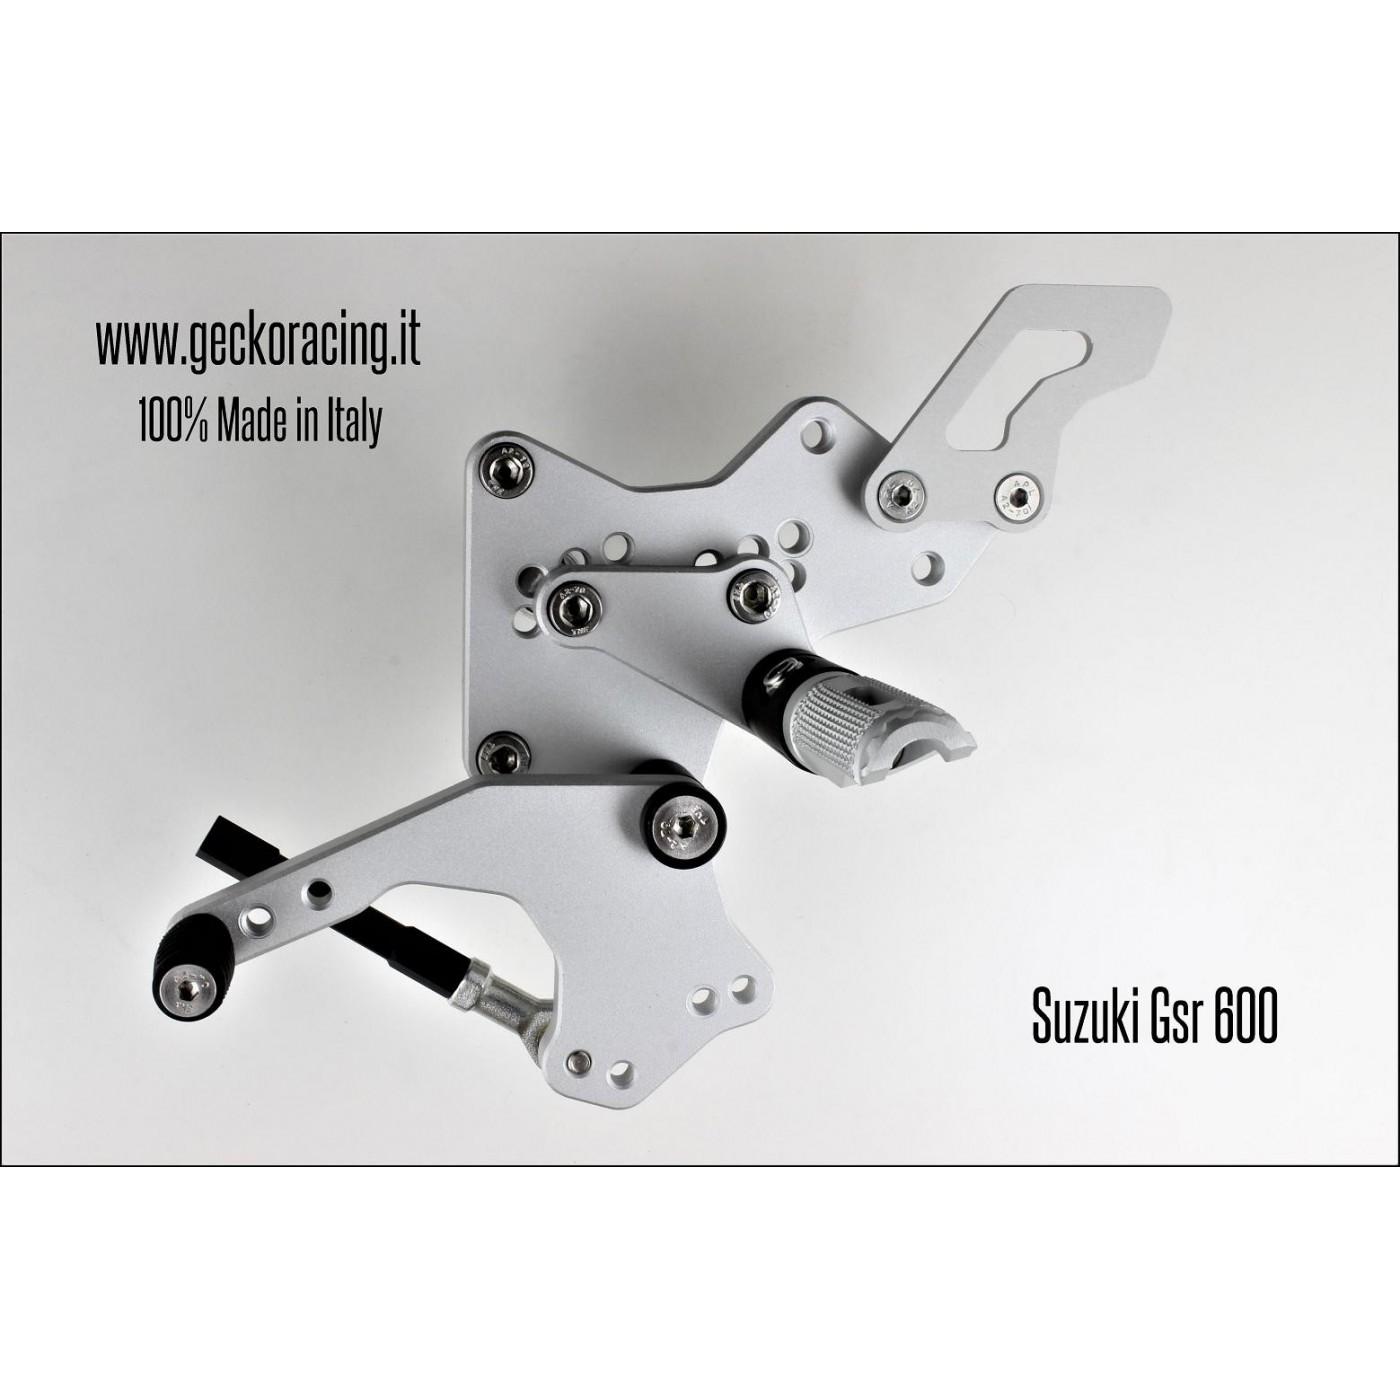 Rearsets Adjustable Suzuki Gsr 600 Gear